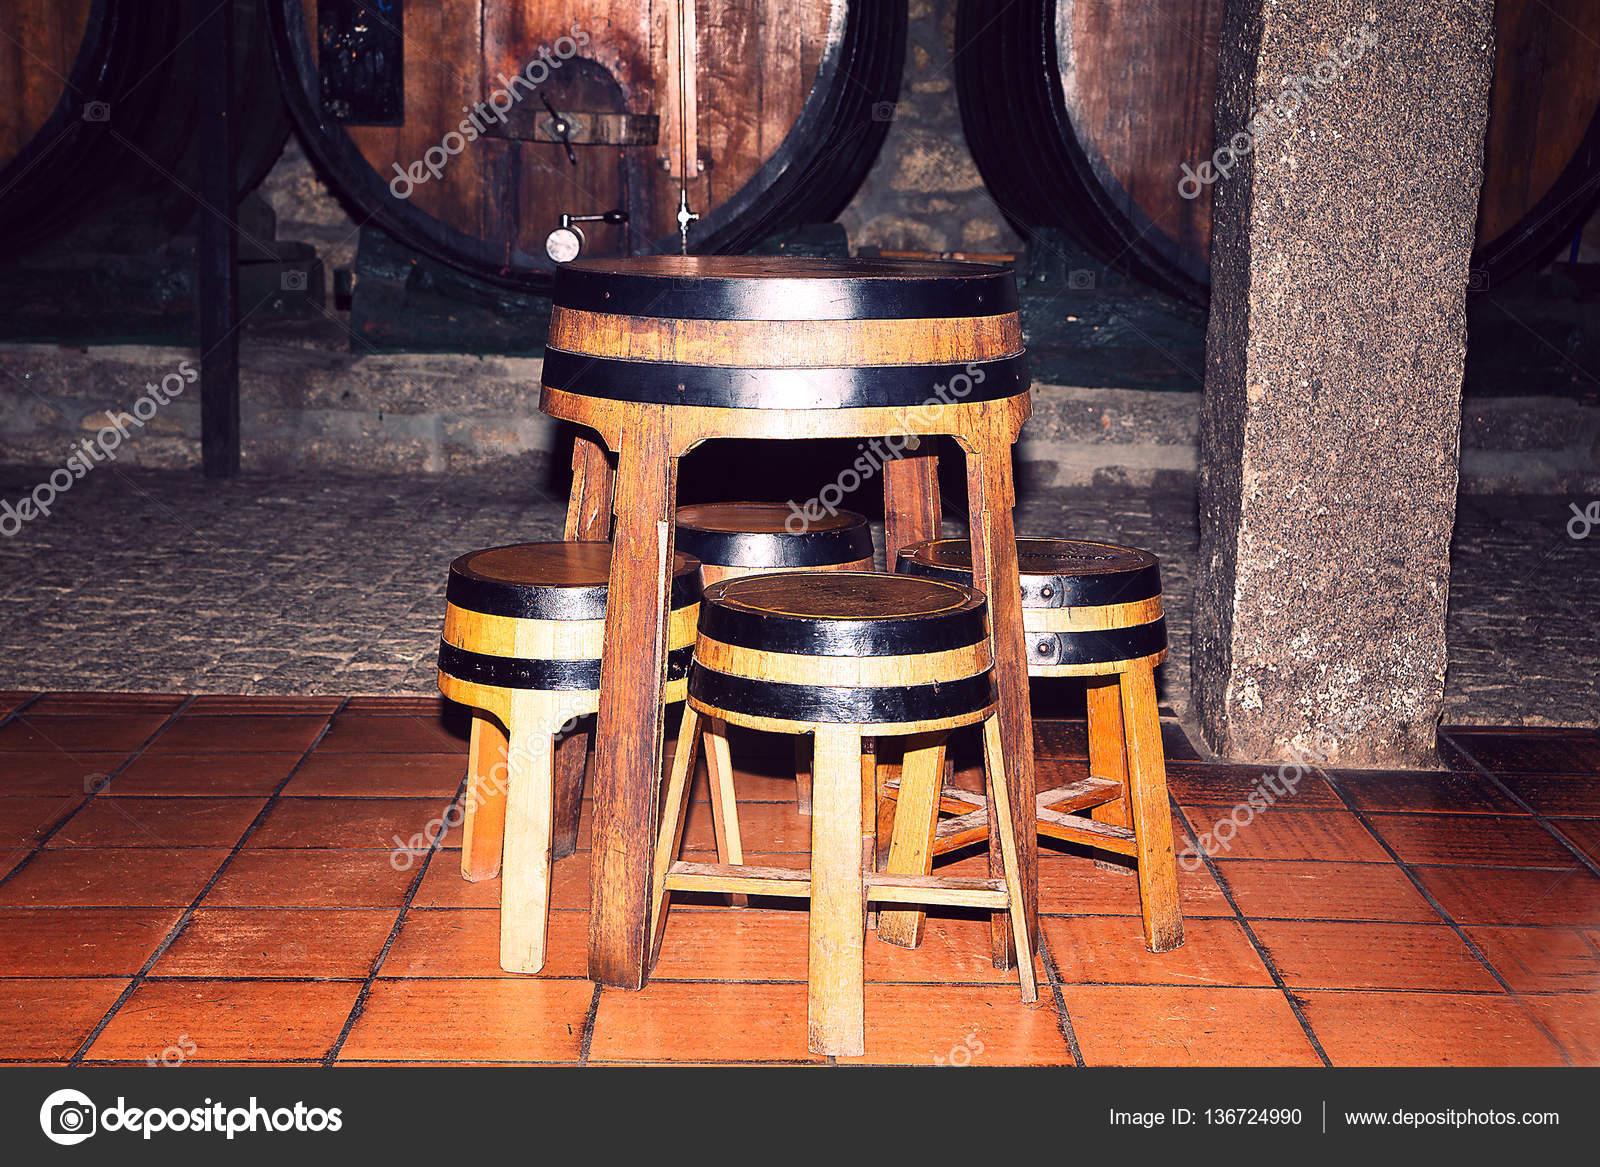 Stock Di Sedie Usate.Vecchi Barilotti Di Legno Usati Come Tavoli E Sedie Foto